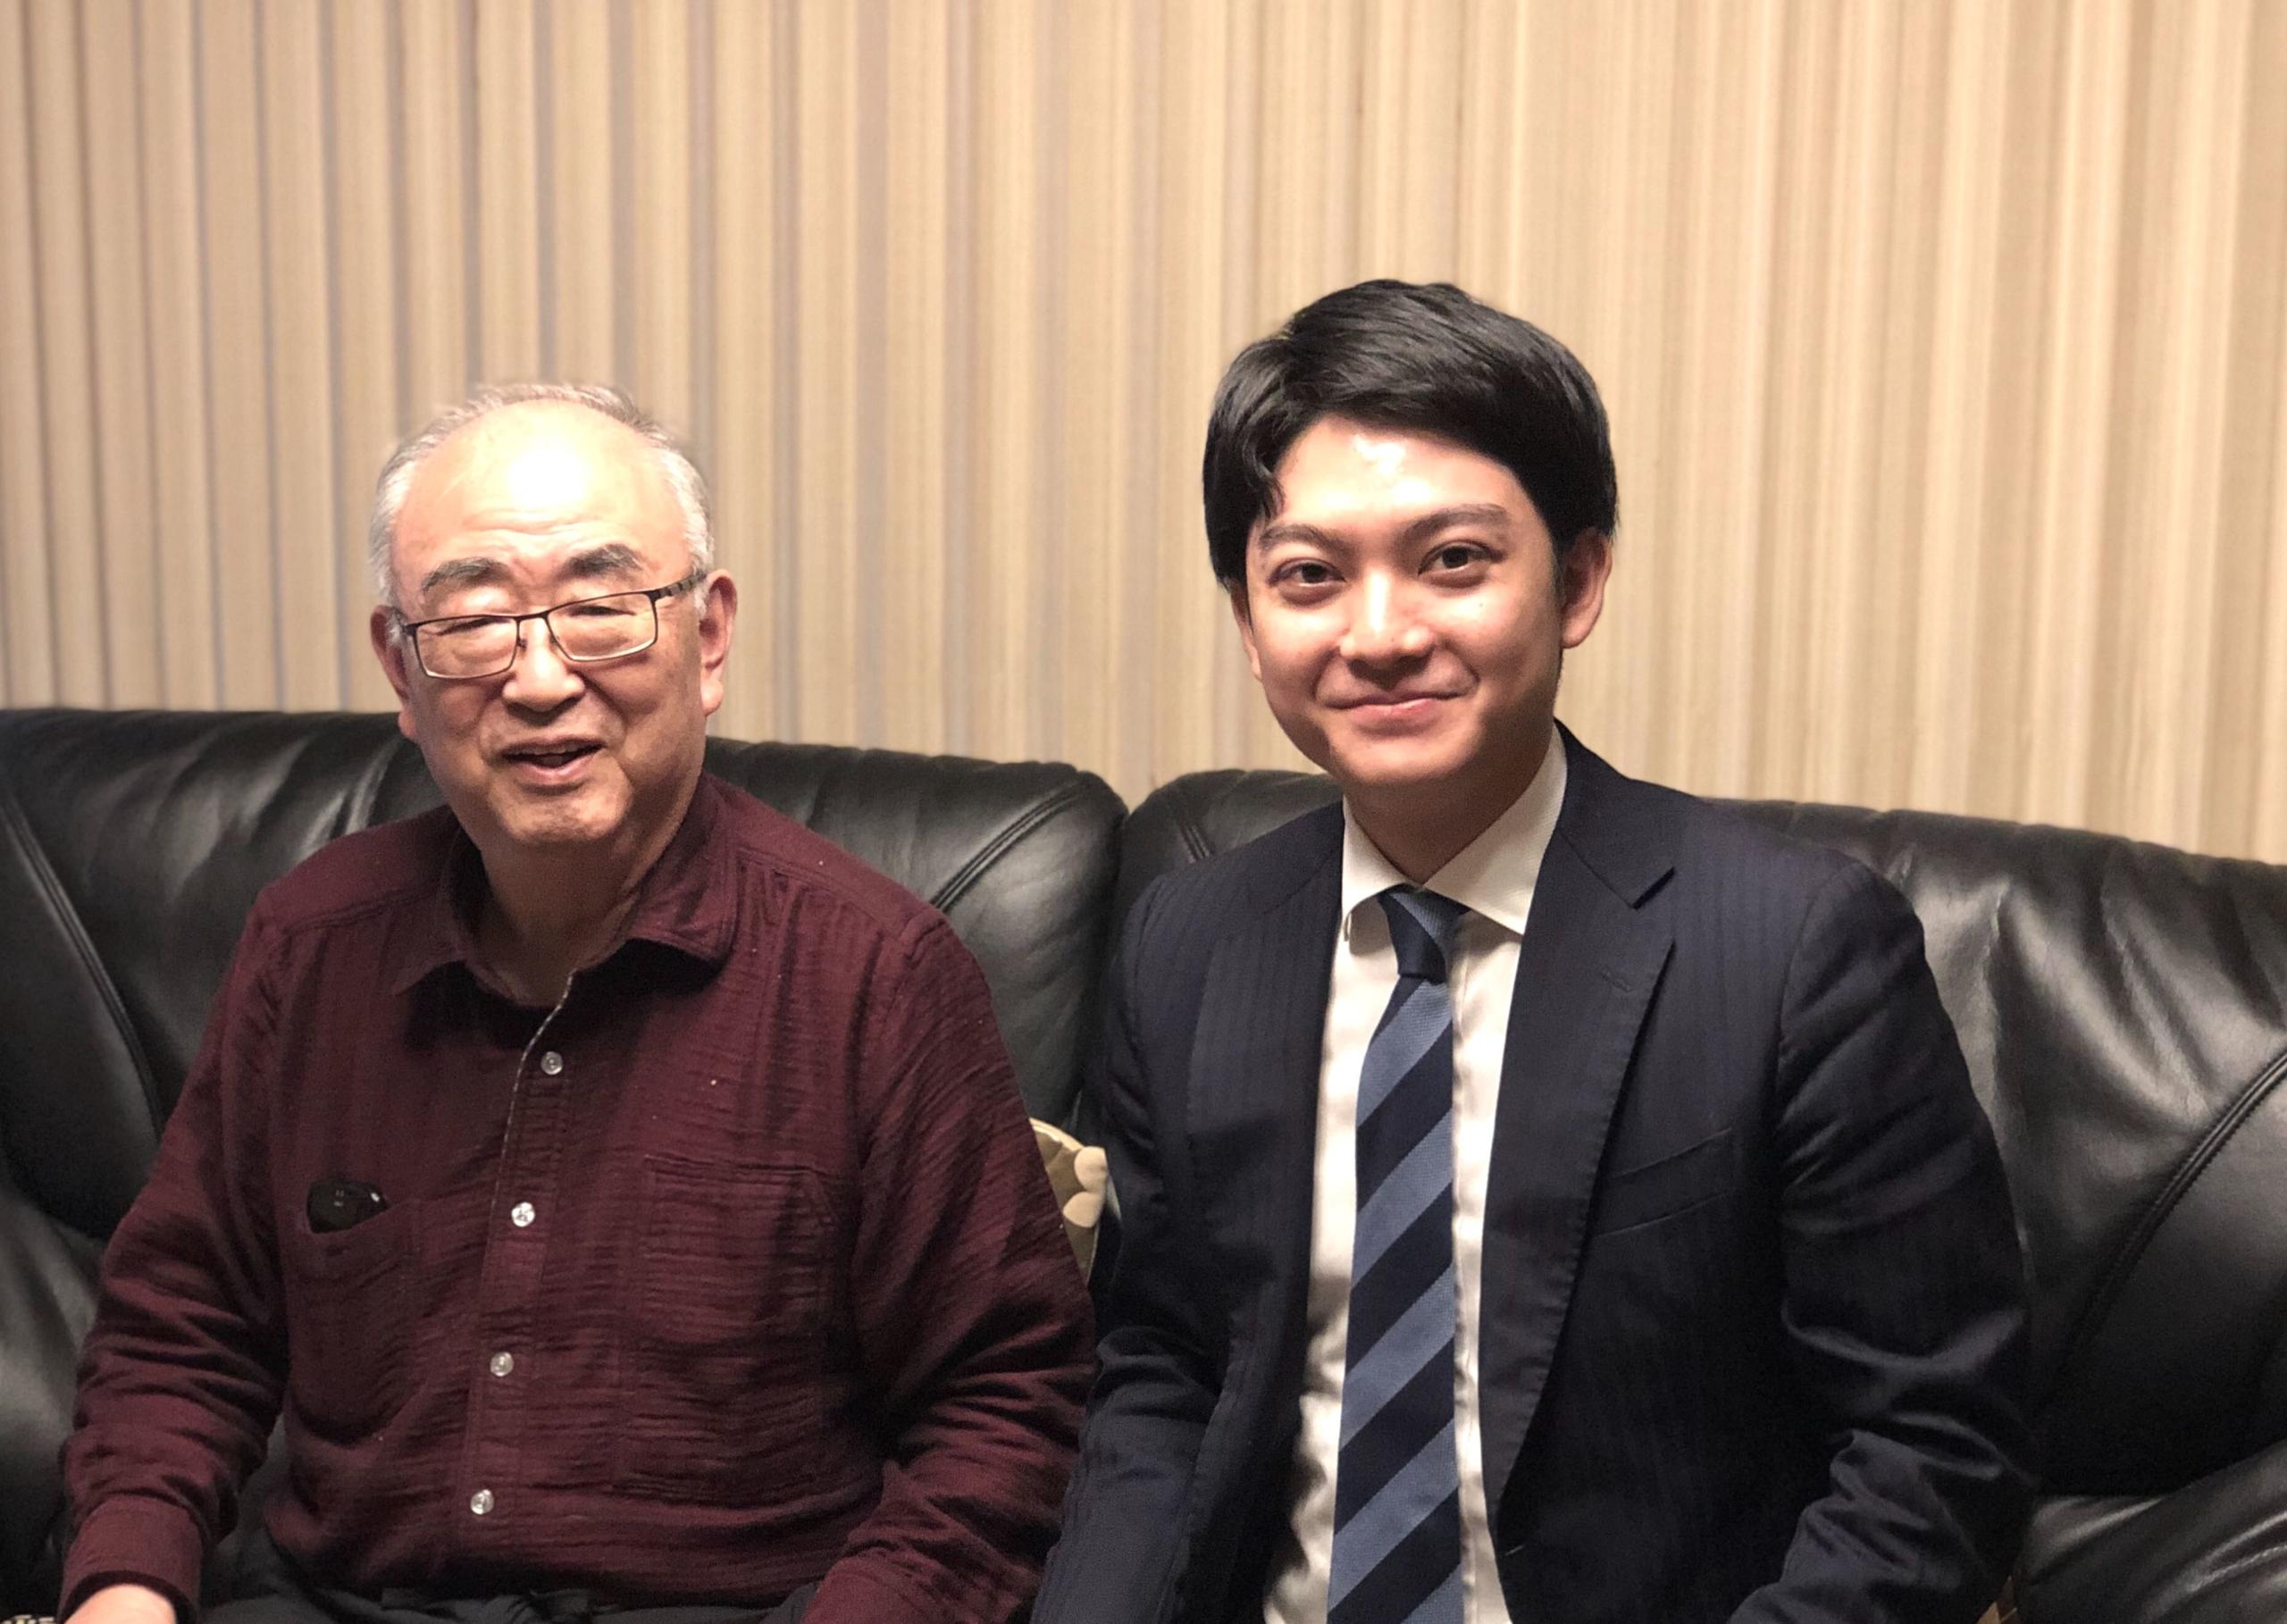 【対談シリーズ】「交通心理学」とは — 大阪大学名誉教授長山先生にインタビュー